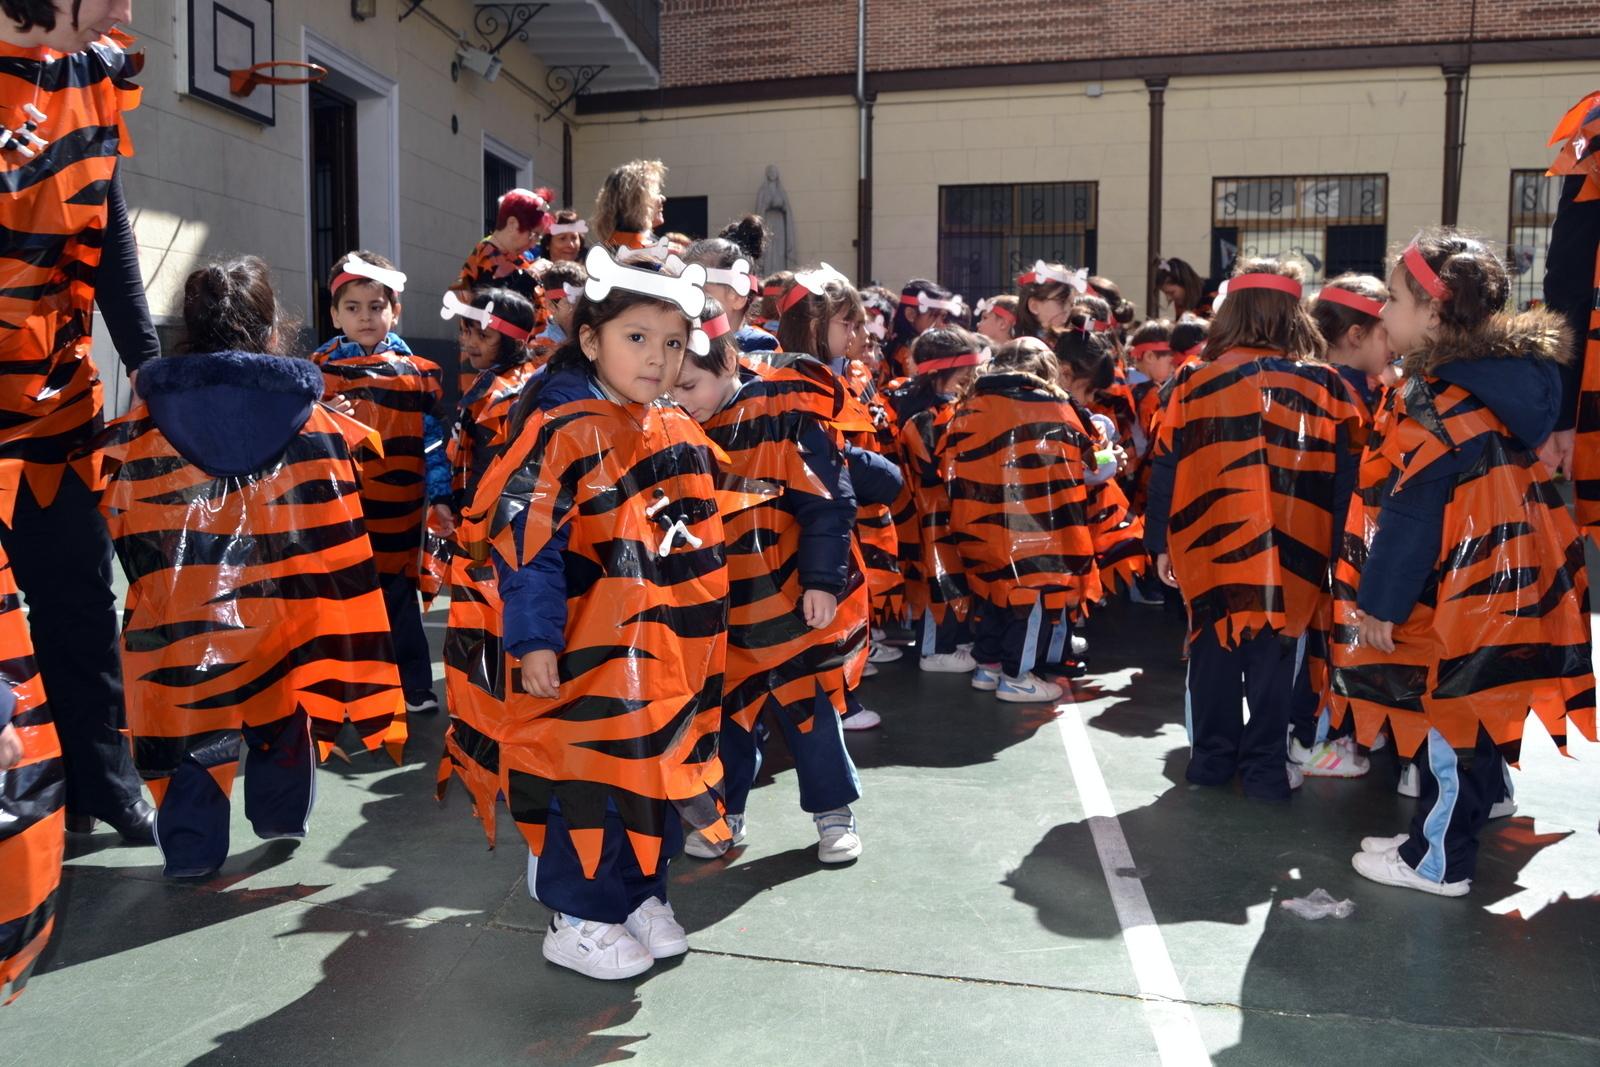 Jornadas Culturales y Depoortivas 2018 Bailes 1 48